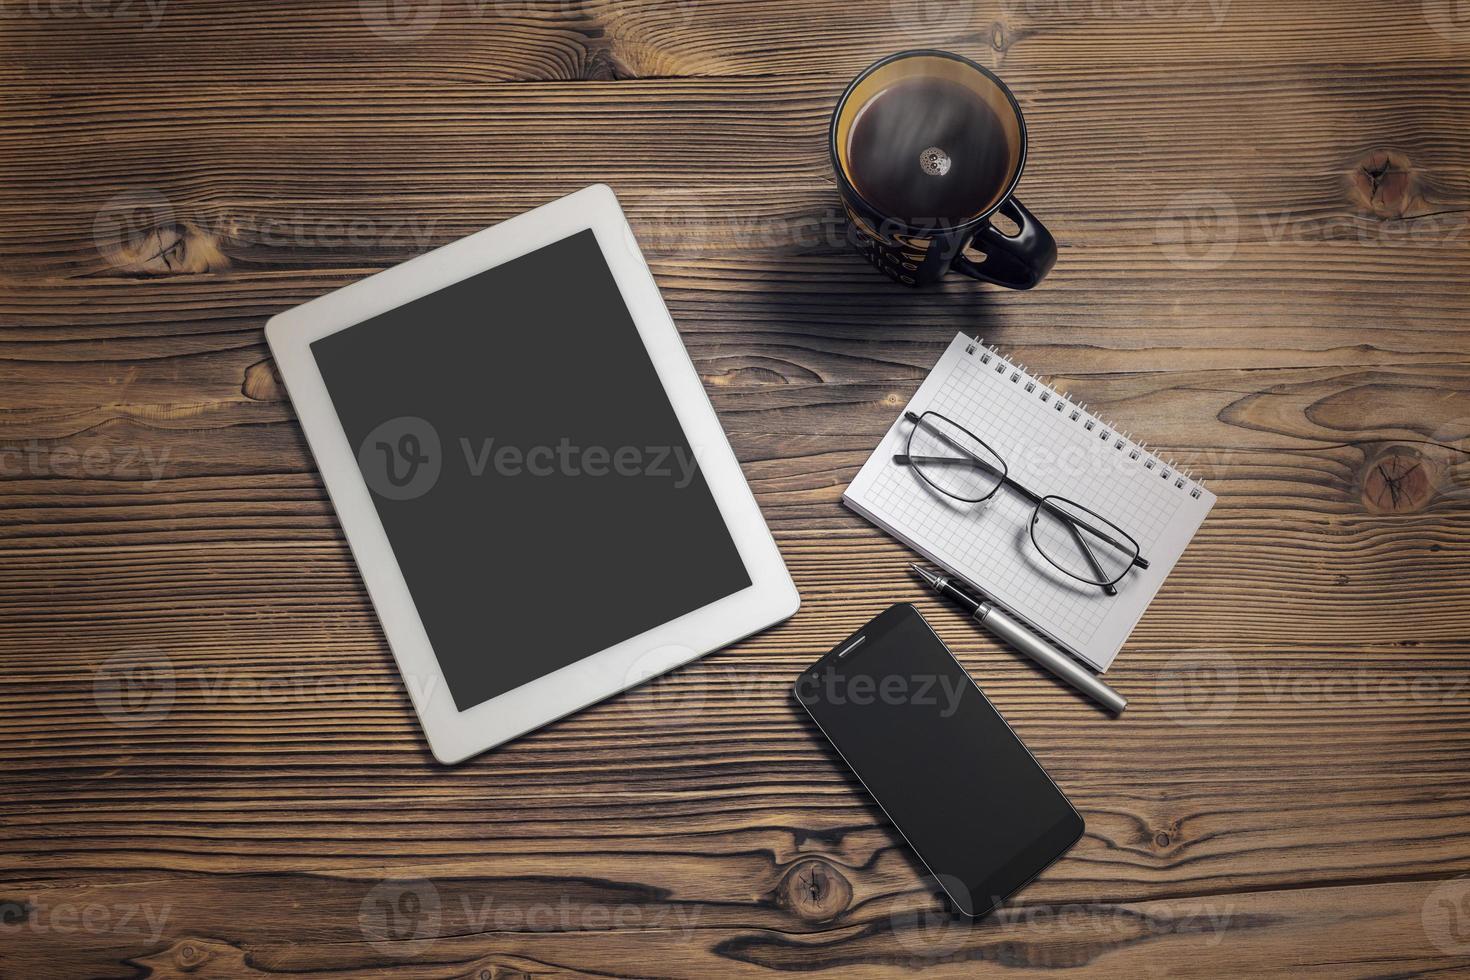 ordinateur tablette, téléphone intelligent, tasse à café, bloc-notes et lunettes photo